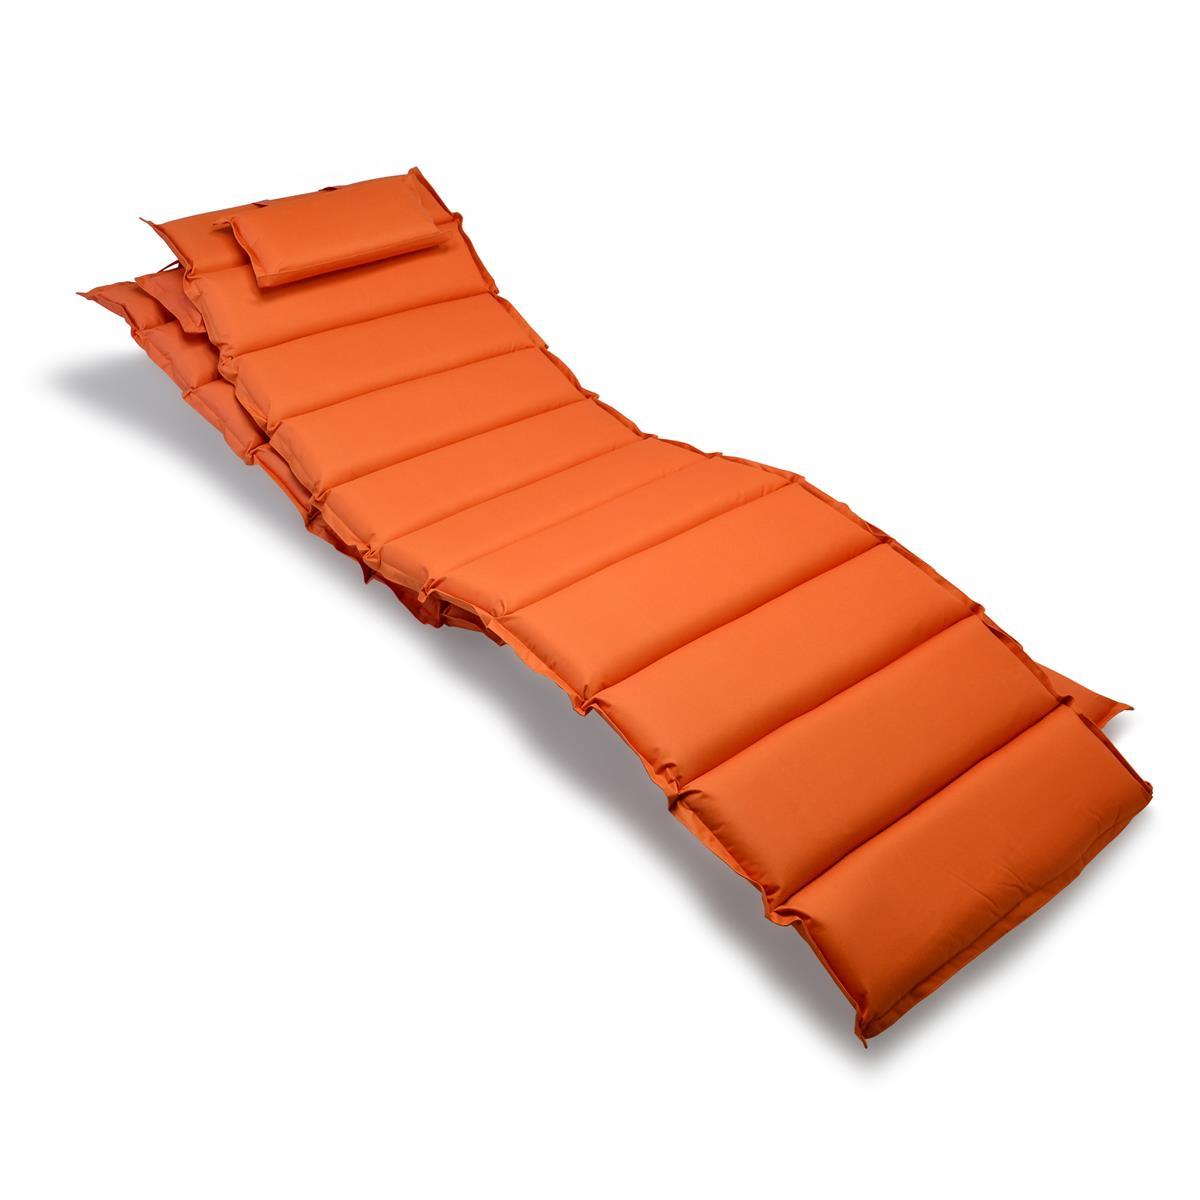 Divero 2x Liegenauflage Polster Kopfkissen Garten Terrasse gesteppt orange